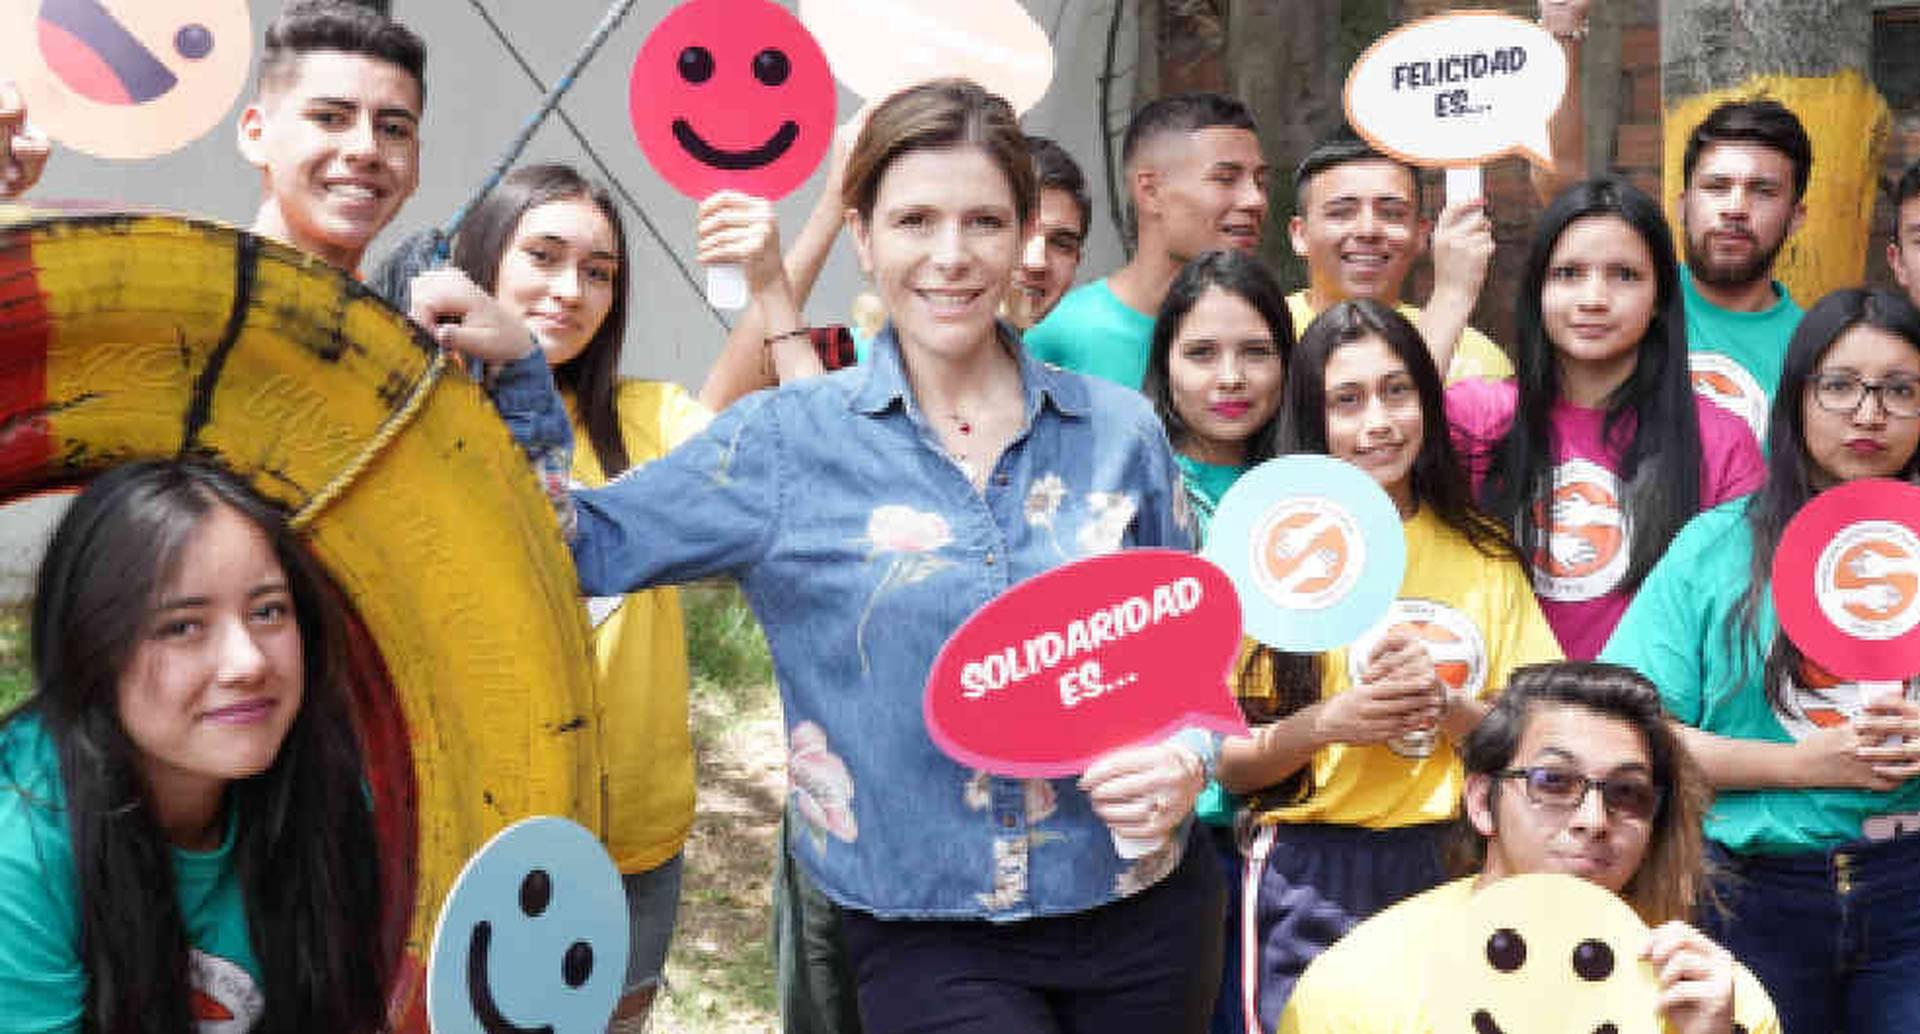 'Bingo solidario': la iniciativa para ayudar a quien más lo necesita